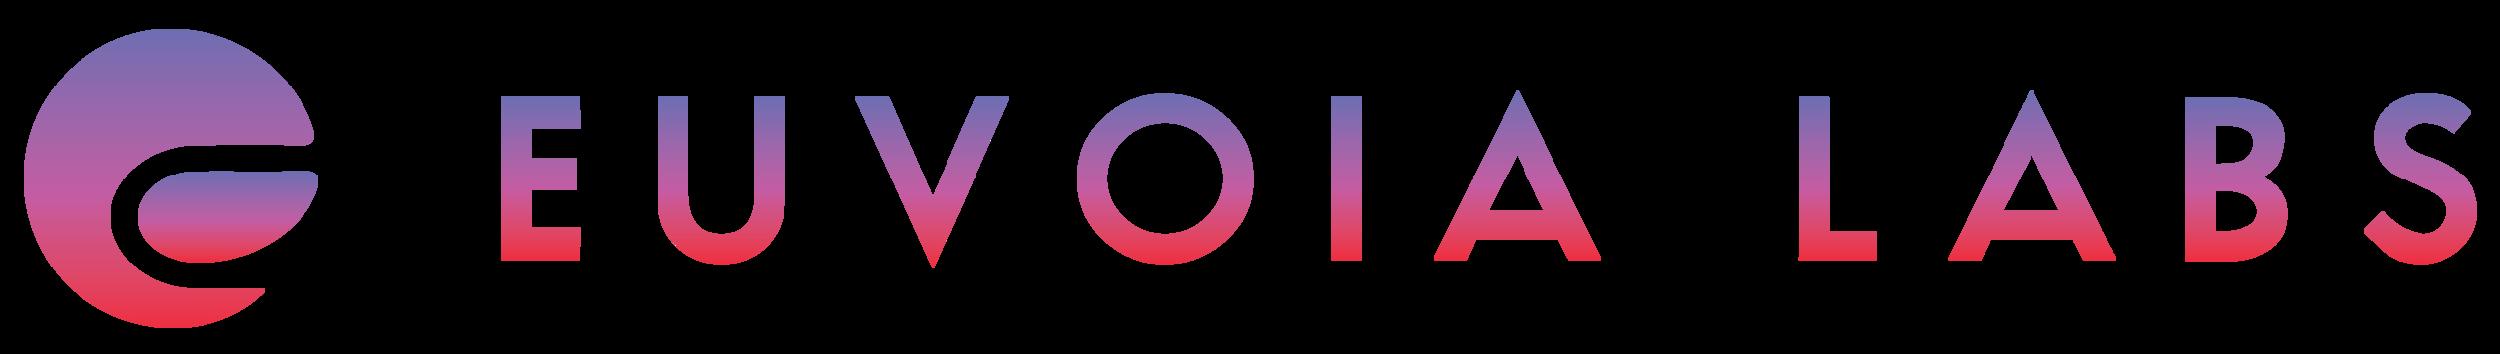 Euvoia Labs Logo